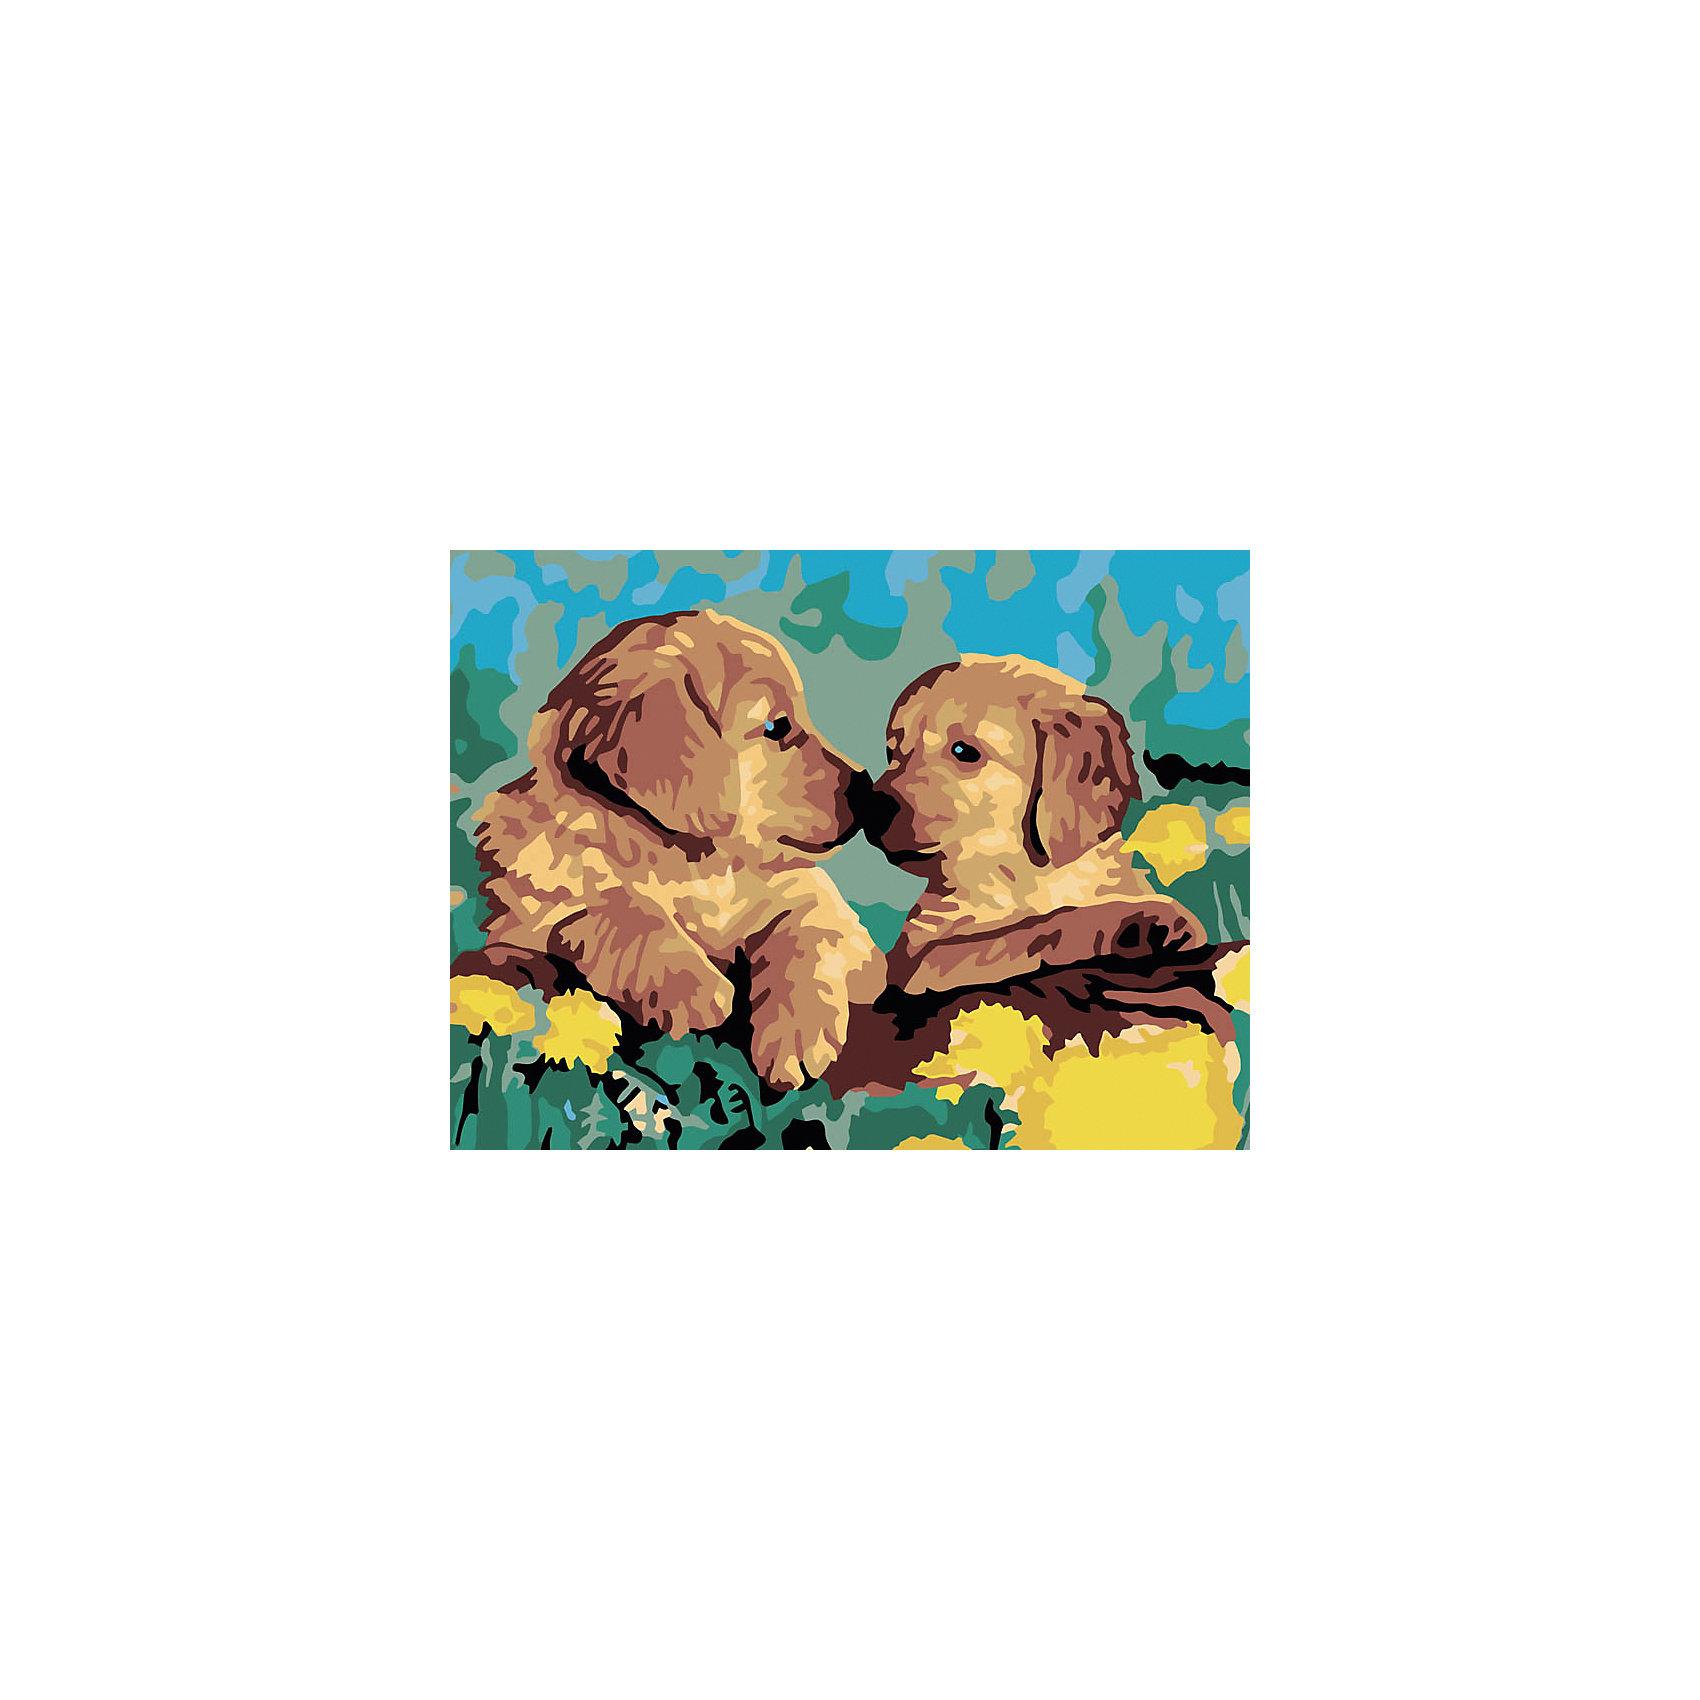 Живопись на холсте 30*40 см ЗнакомствоРисование<br>Характеристики:<br><br>• Предназначение: для занятий художественным творчеством<br>• Тематика: животные<br>• Пол: универсальный<br>• Материал: дерево, бумага, краски<br>• Цвет: зеленый, коричневый, желтый, голубой и др.<br>• Комплектация: холст на подрамнике, набор акриловых красок, 2 кисти, пробный лист с нанесенным рисунком, крепление для готовой картины, инструкция<br>• Размеры (Ш*Д): 30*40 см<br>• Вес: 480 г <br>• Упаковка: картонная коробка<br><br>Живопись на холсте 30*40 см Знакомство – это набор от торговой марки Белоснежка, специализирующейся на товарах для творчества и рукоделия. Комплект для живописи состоит из черно-белого холста на подрамнике из дерева, набора необходимых акриловых красок, двух кистей разного размера и пробного листа. На холст и пробный лист нанесен рисунок с указанием номера соответствующей цвету краски. Акриловые краски хорошо ложатся на холст, не растекаются и не смешиваются, что делает их идеальными для начинающих художников. Все материалы, используемые в наборе, экологичные и натуральные. Готовые наборы научат вашего ребенка сочетать цвета и оттенки, действовать по заданному образцу, будут способствовать развитию внимательности, усидчивости и зрительному восприятию. <br>Занятия художественным творчеством являются не только средством творческого и эстетического развития, но также воспитания и коррекции эмоциональных комплексов у детей. <br><br>С наборами живописи на холсте от Белоснежки можно создать свою галерею картин или подготовить подарок родным и близким к празднованию торжества.<br><br>Живопись на холсте 30*40 см Знакомство можно купить в нашем интернет-магазине.<br><br>Ширина мм: 410<br>Глубина мм: 310<br>Высота мм: 25<br>Вес г: 567<br>Возраст от месяцев: 72<br>Возраст до месяцев: 144<br>Пол: Унисекс<br>Возраст: Детский<br>SKU: 5089675